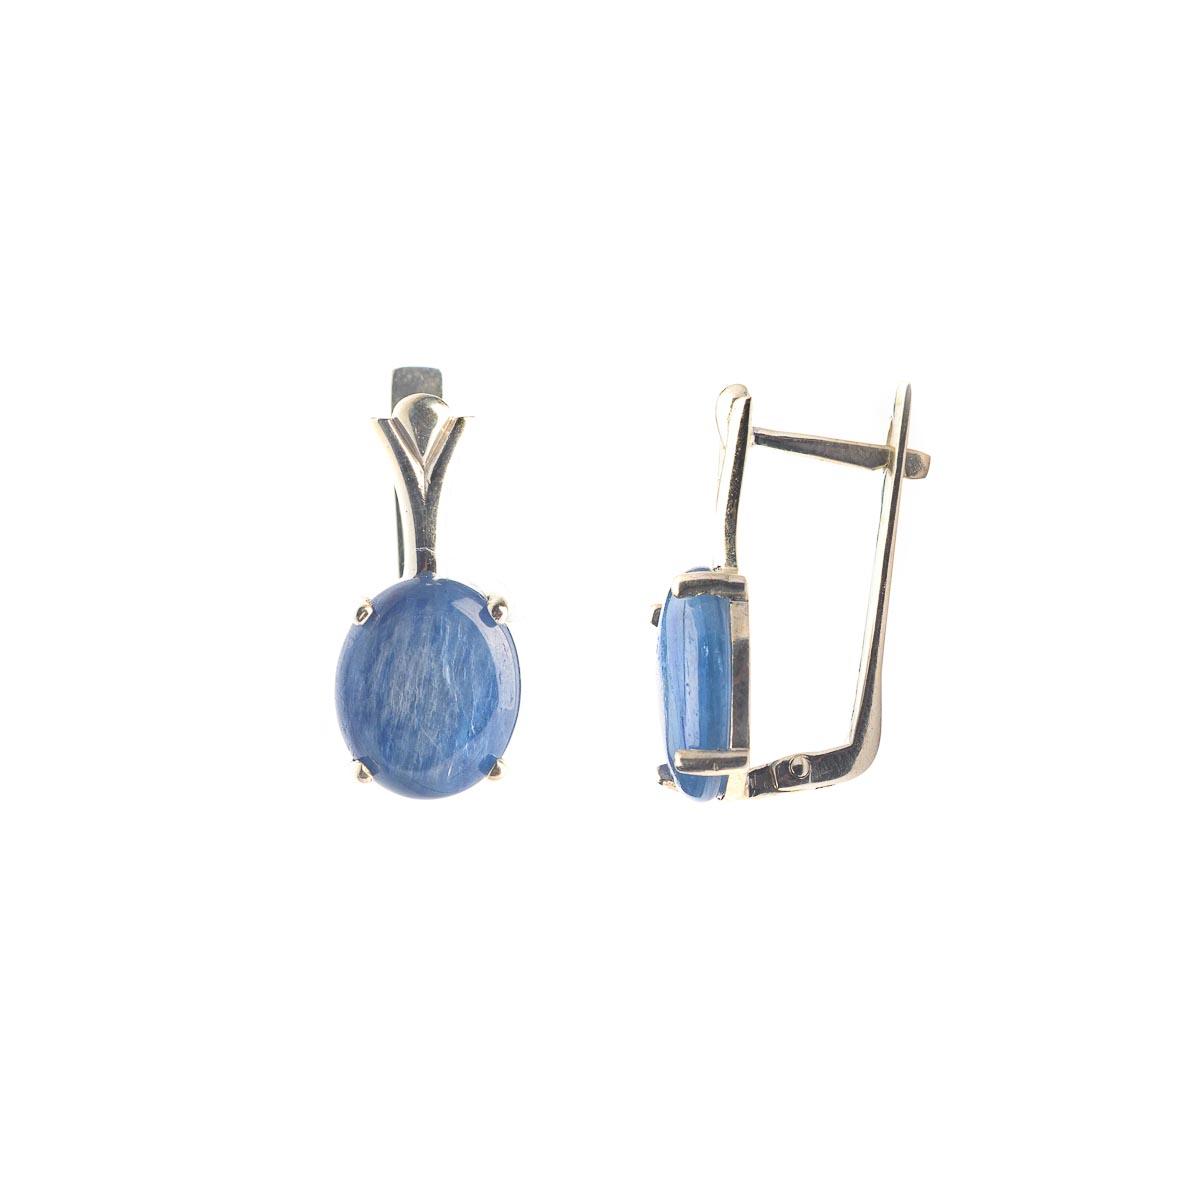 Комплект украшений с натуральным кианитом из серебра